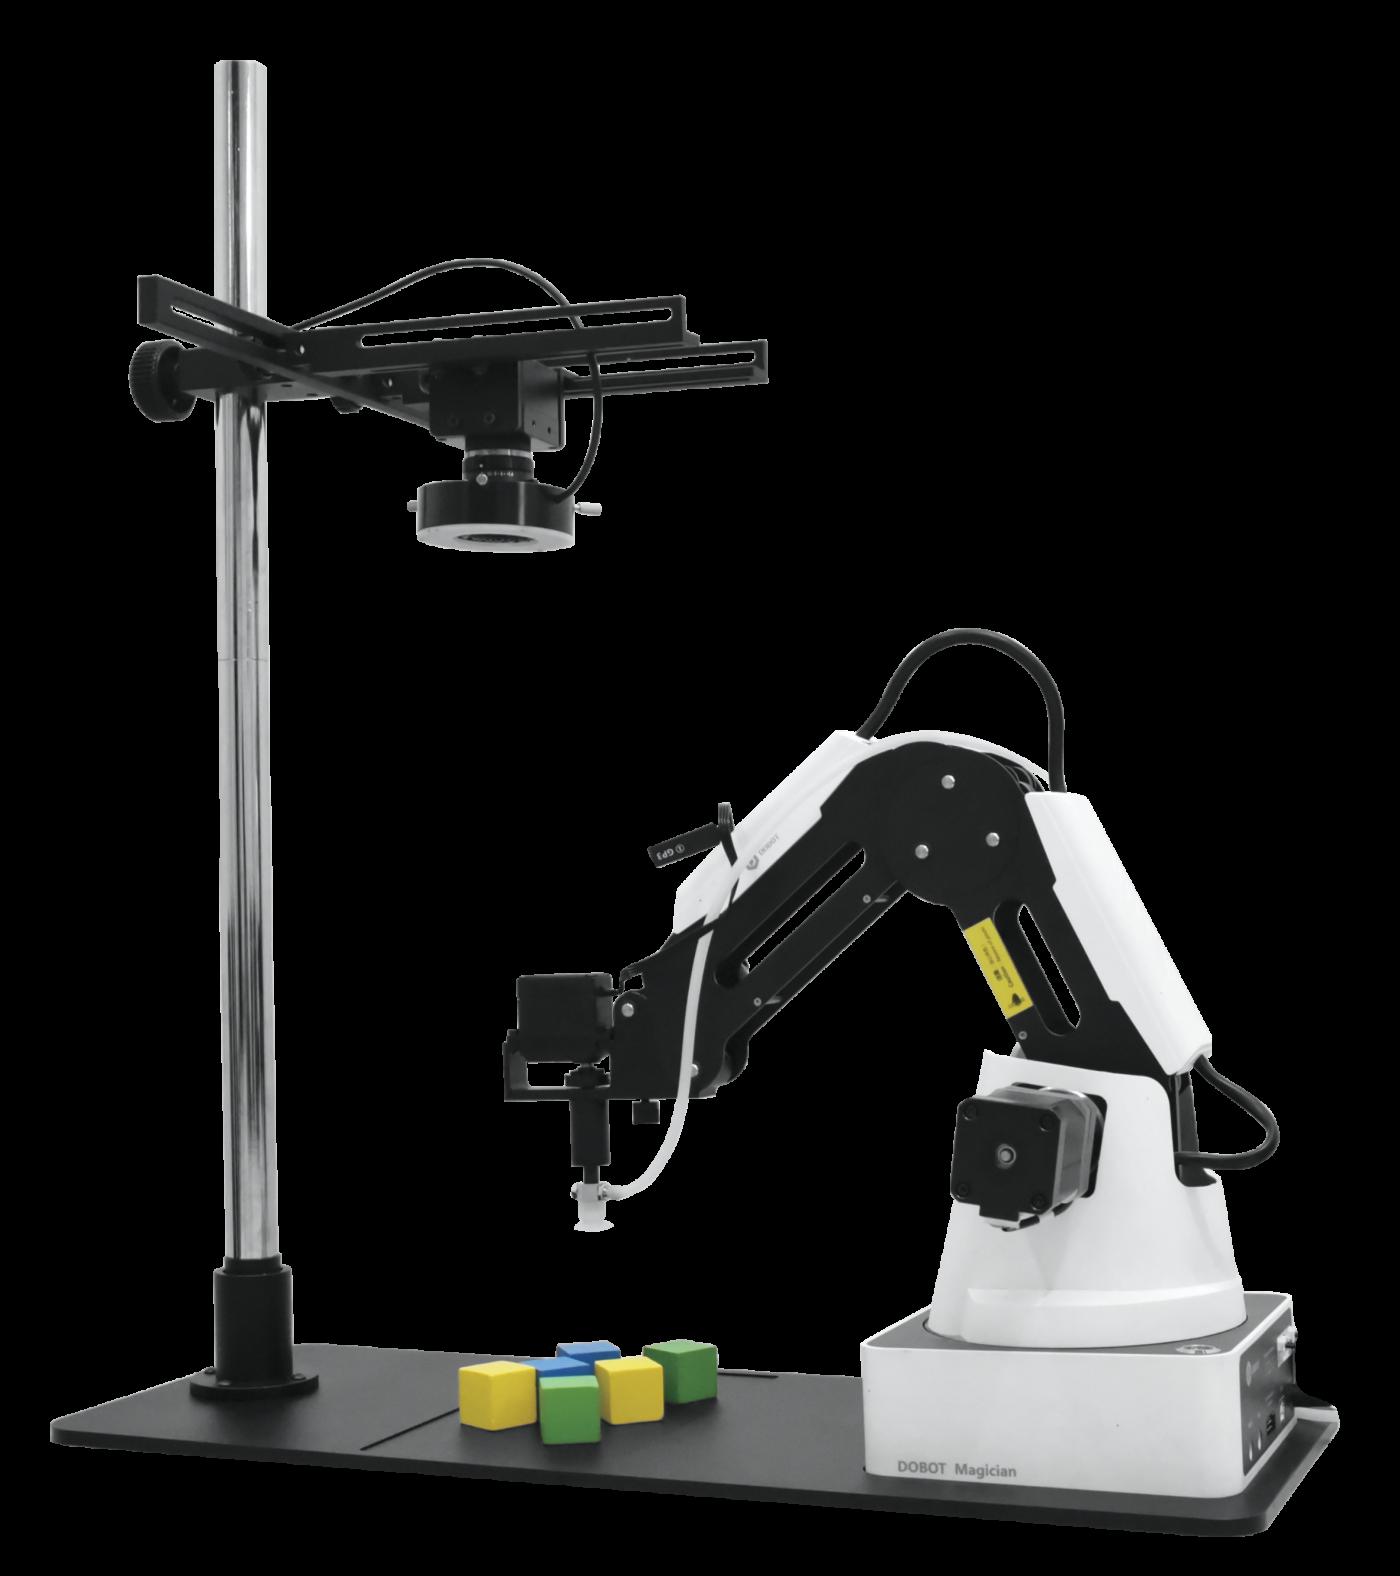 Комплект технического зрения для Dobot Magician